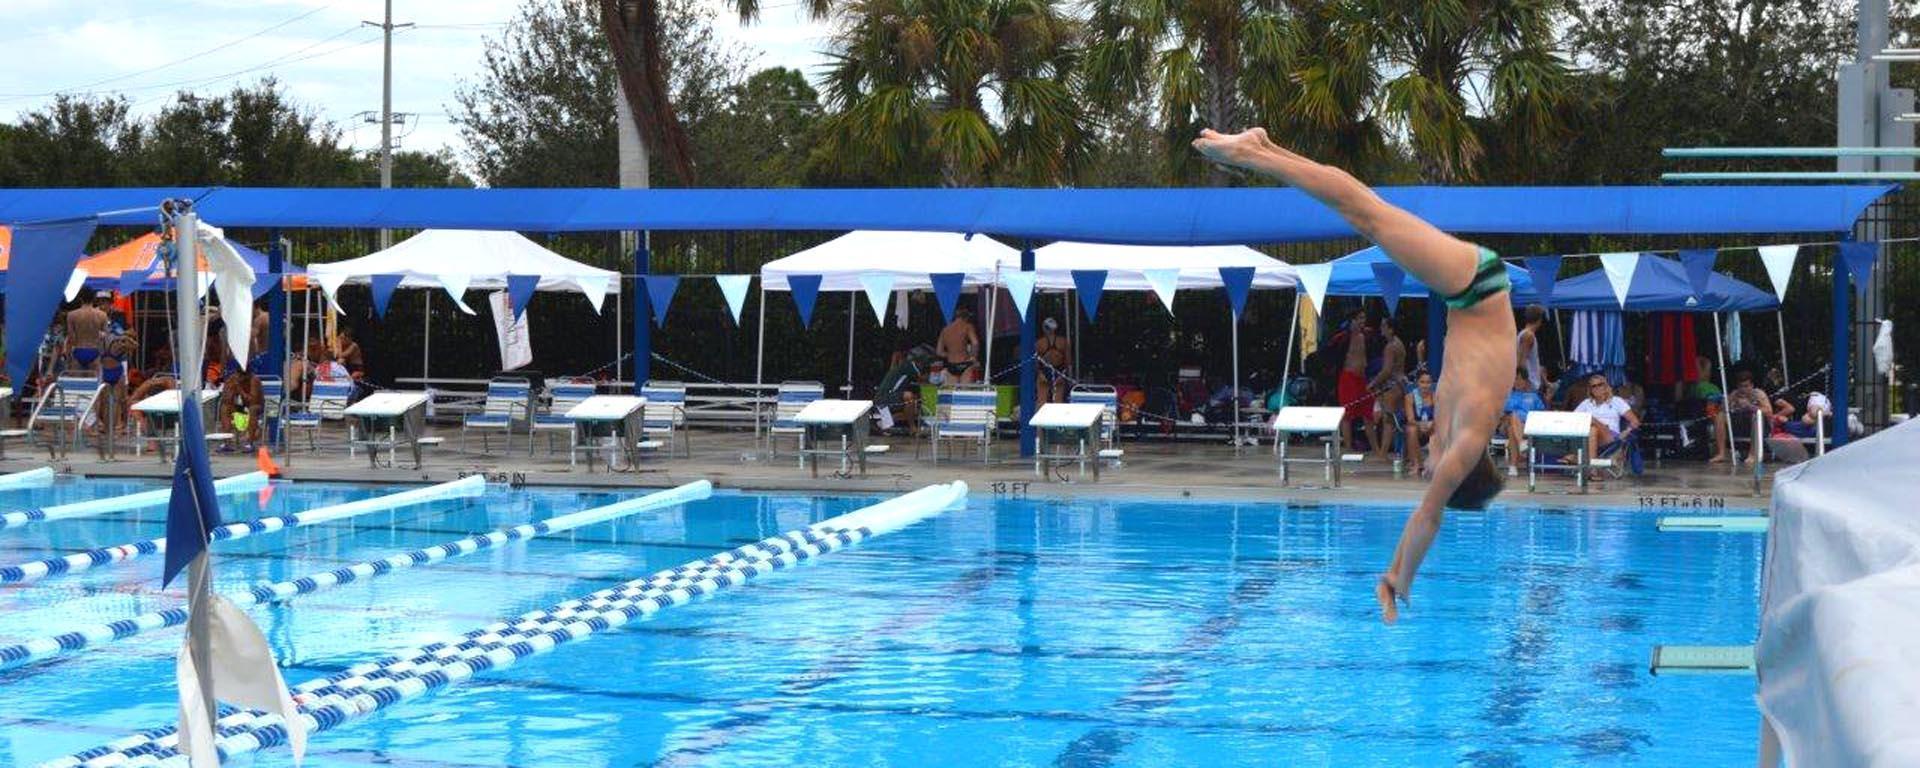 A diver at the Aquatic Center